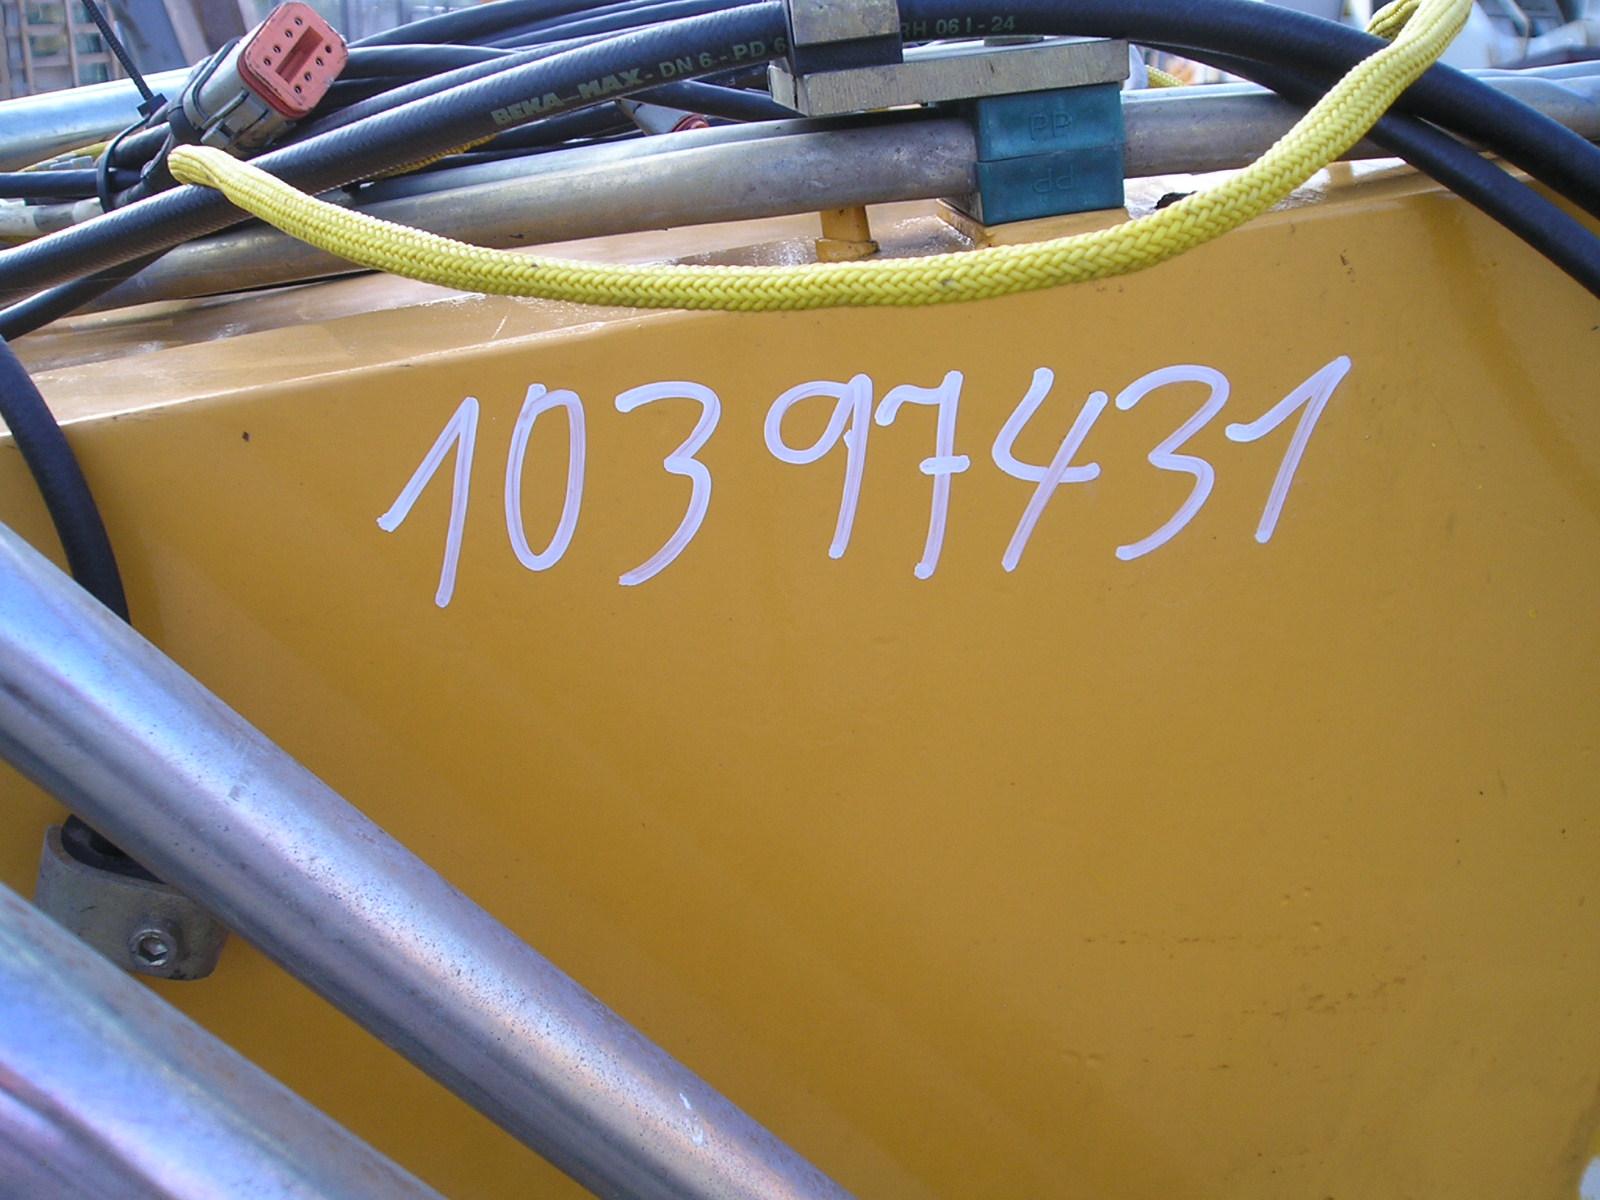 PA053219.JPG